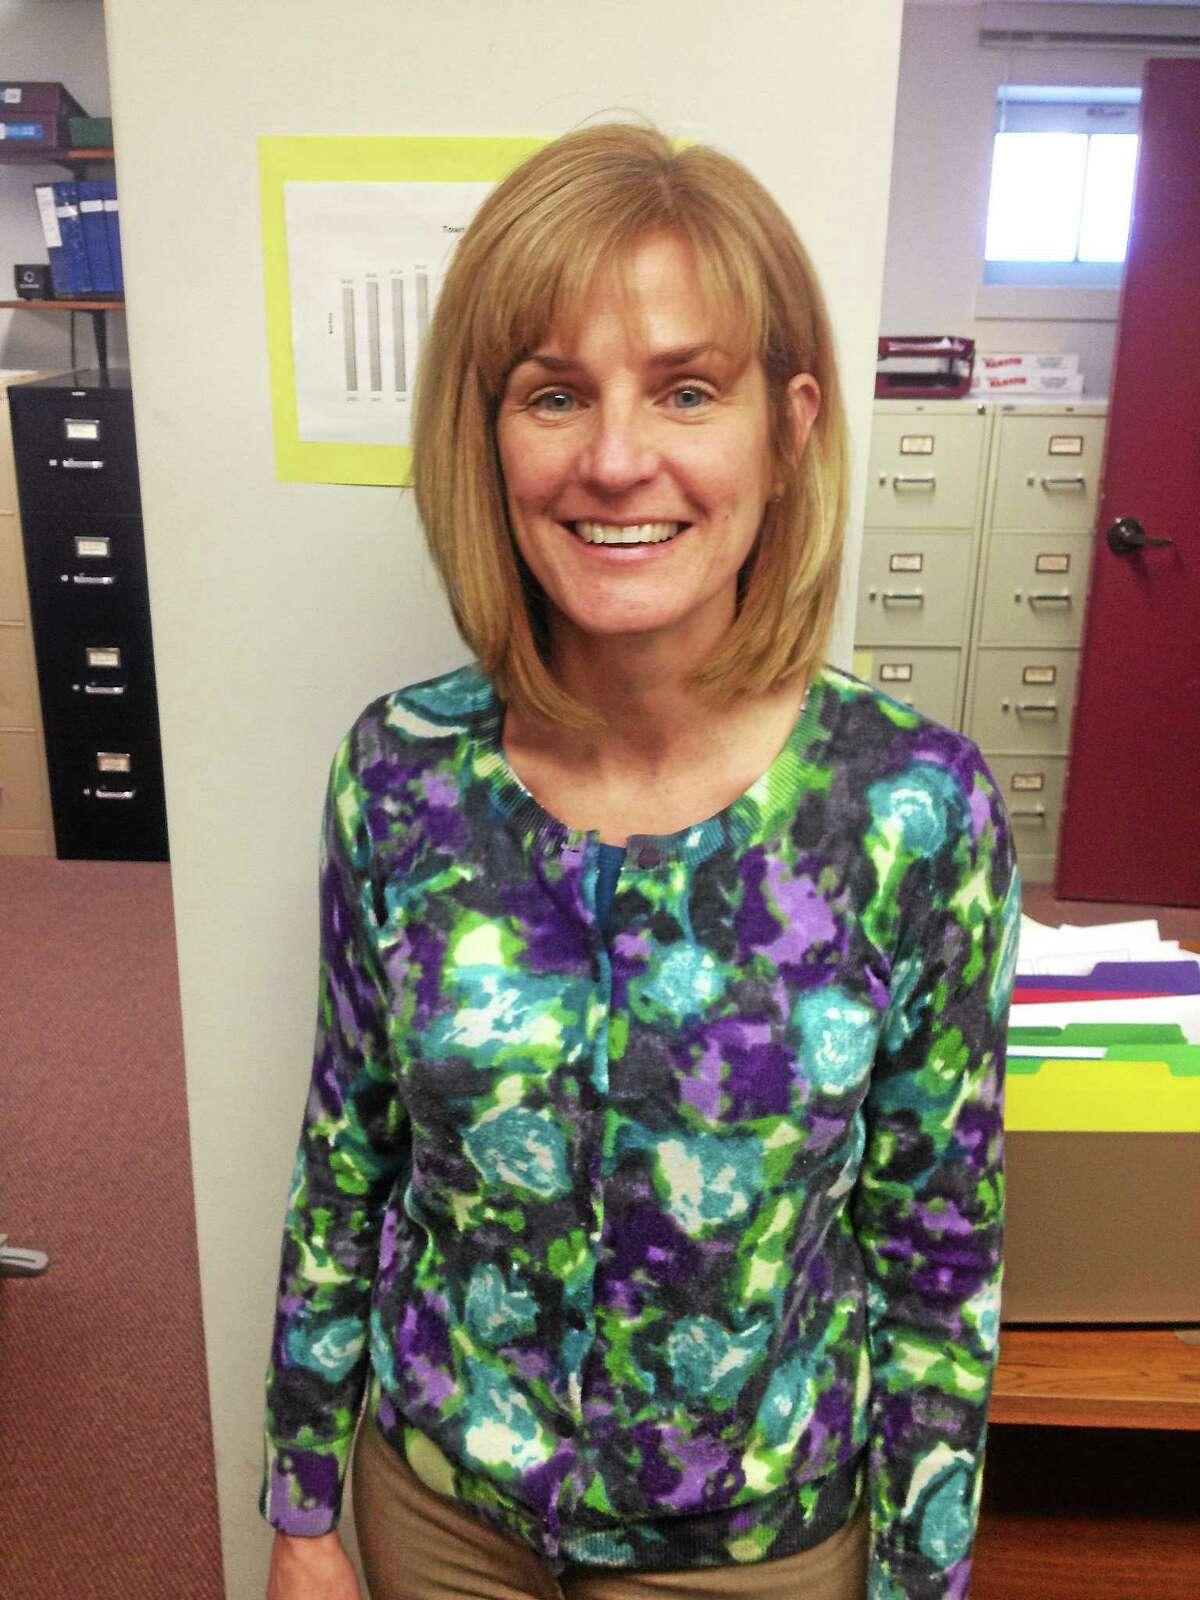 Portland's new assessor, Gail M. Pititto.